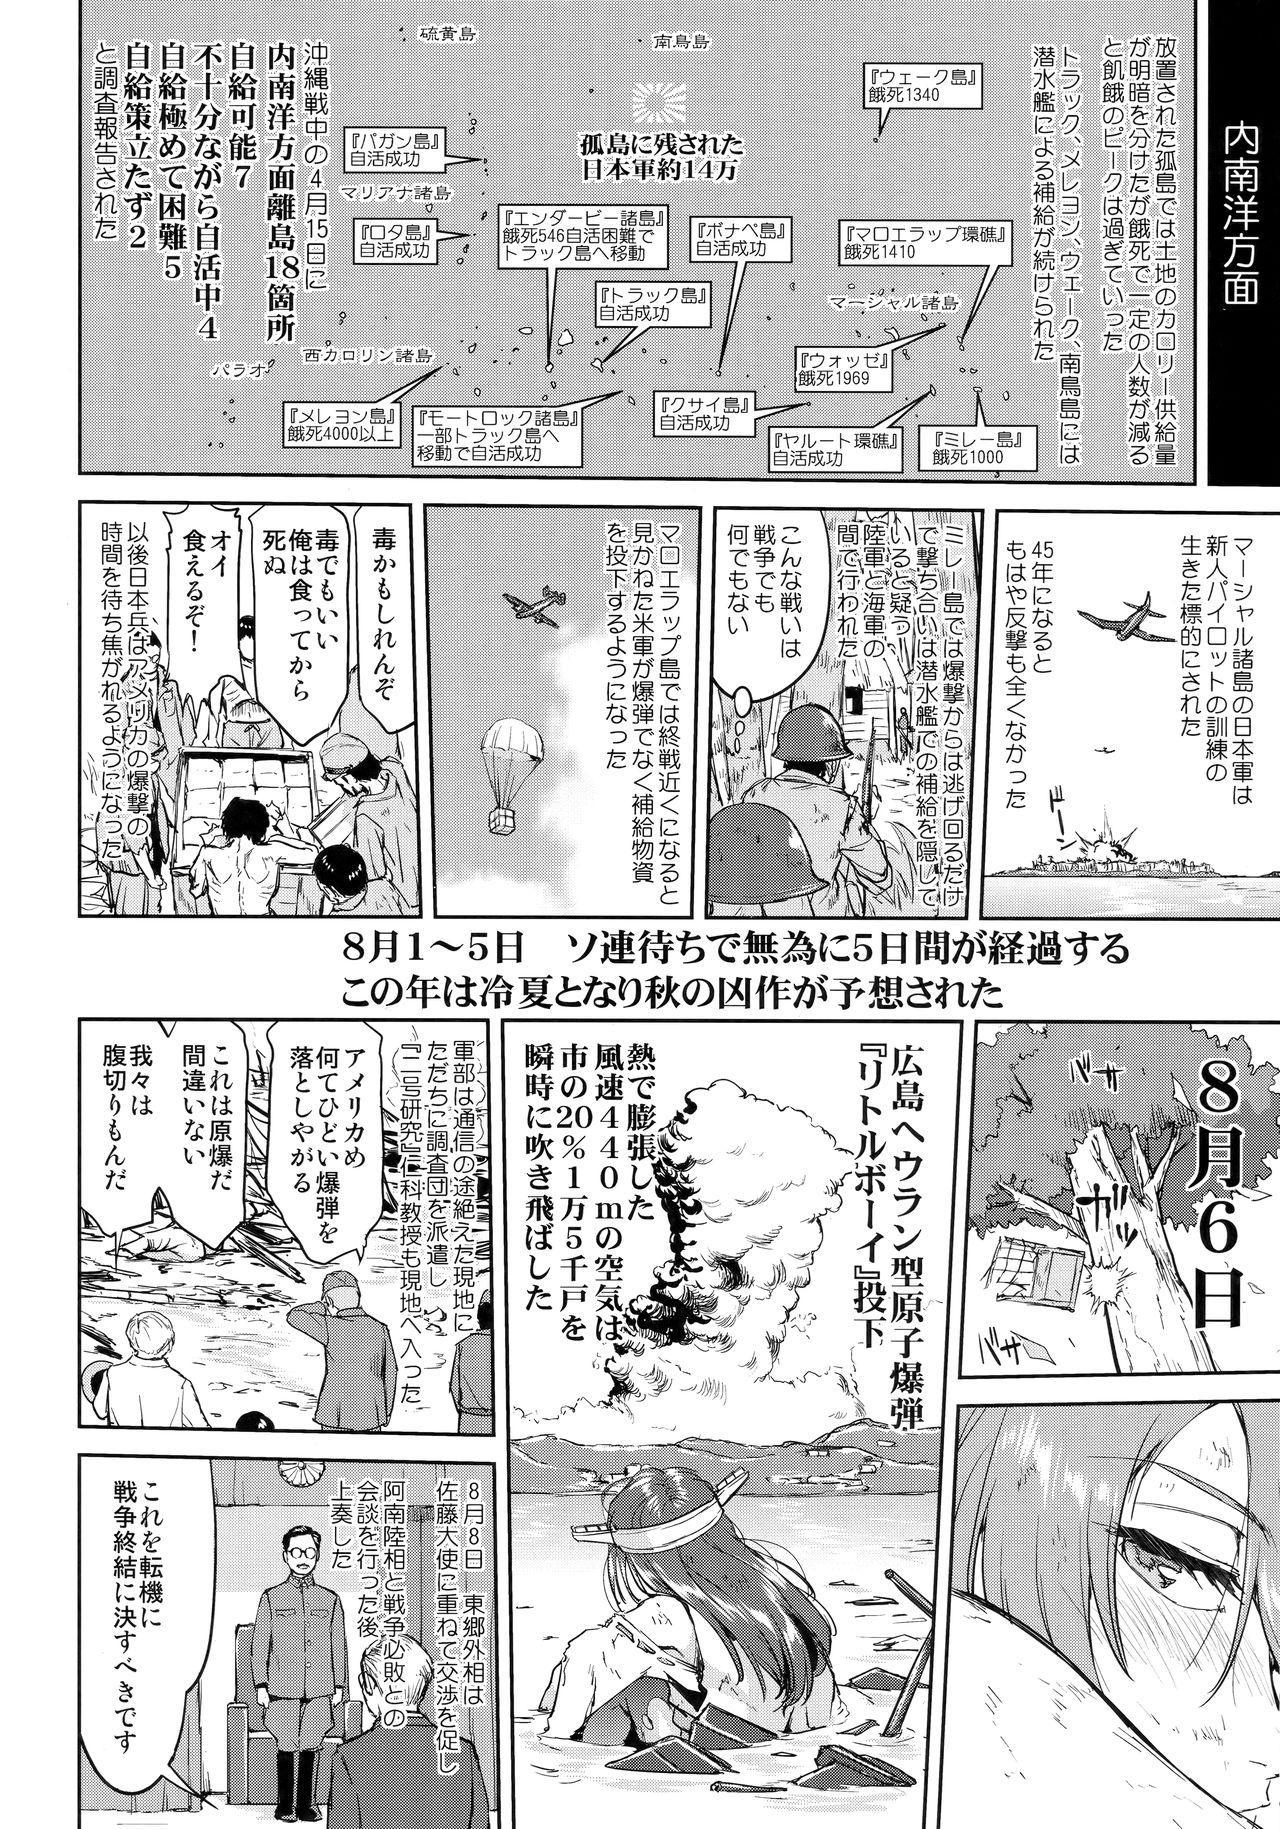 Teitoku no Ketsudan Kanmusu no Ichiban Nagai Hi 46